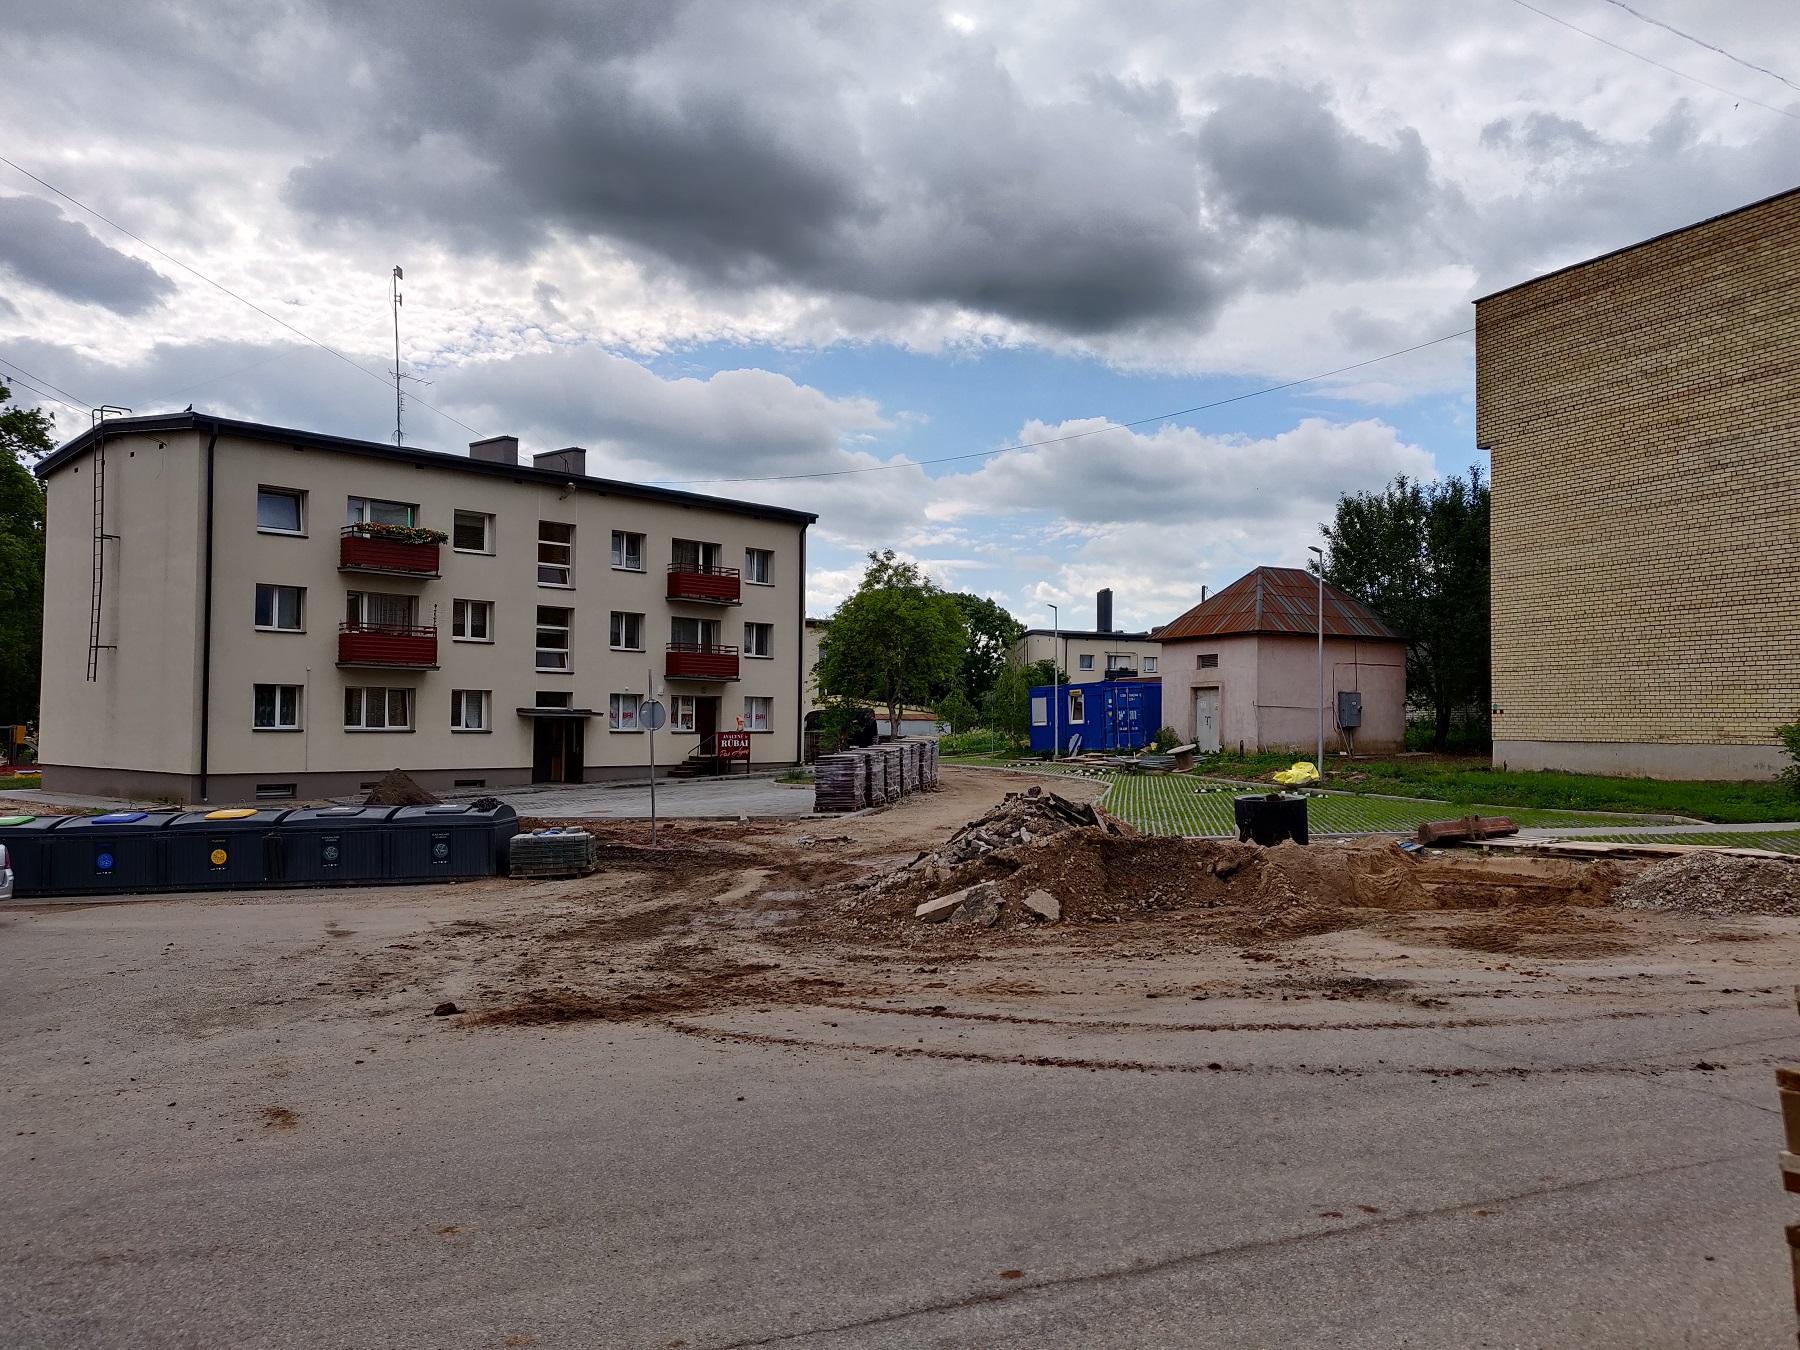 Dulkės kyla ir rekonstruojant Ramybės skvero kvartalą./ Aldo Surkevičiaus nuotr.